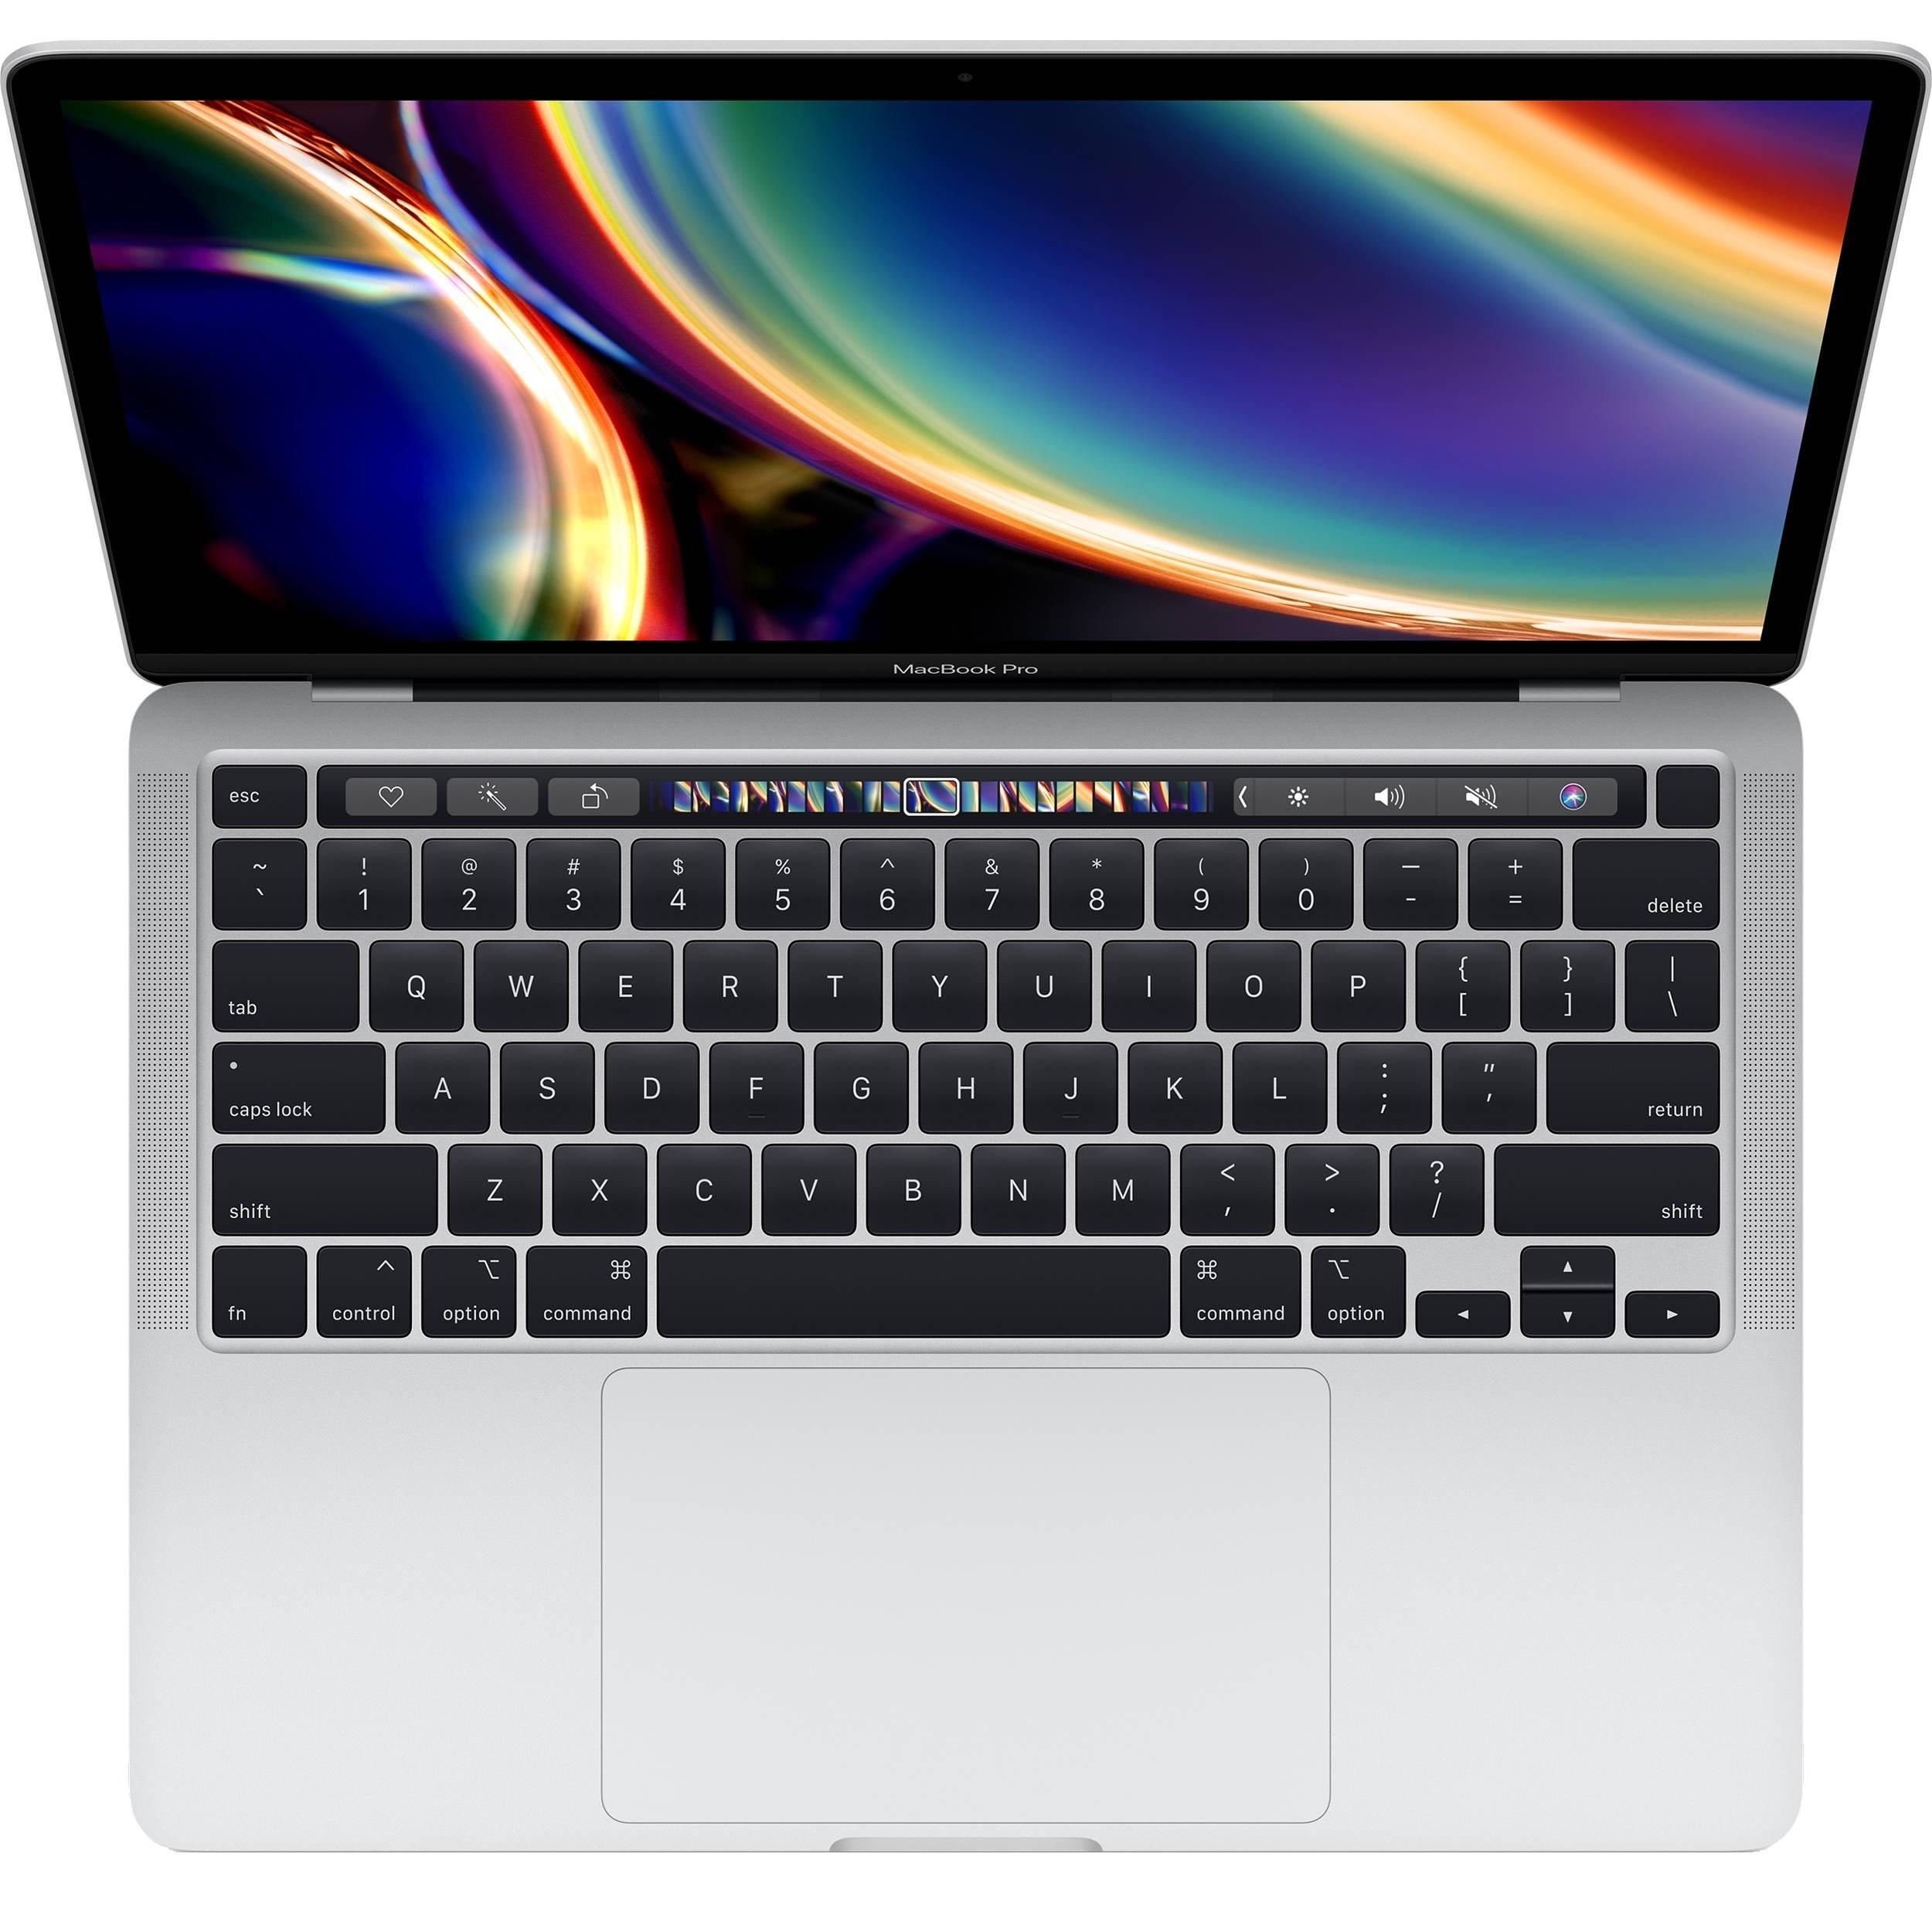 لپ تاپ 13 اینچی اپل مدل MacBook Pro MWP72 2020 همراه با تاچ بار